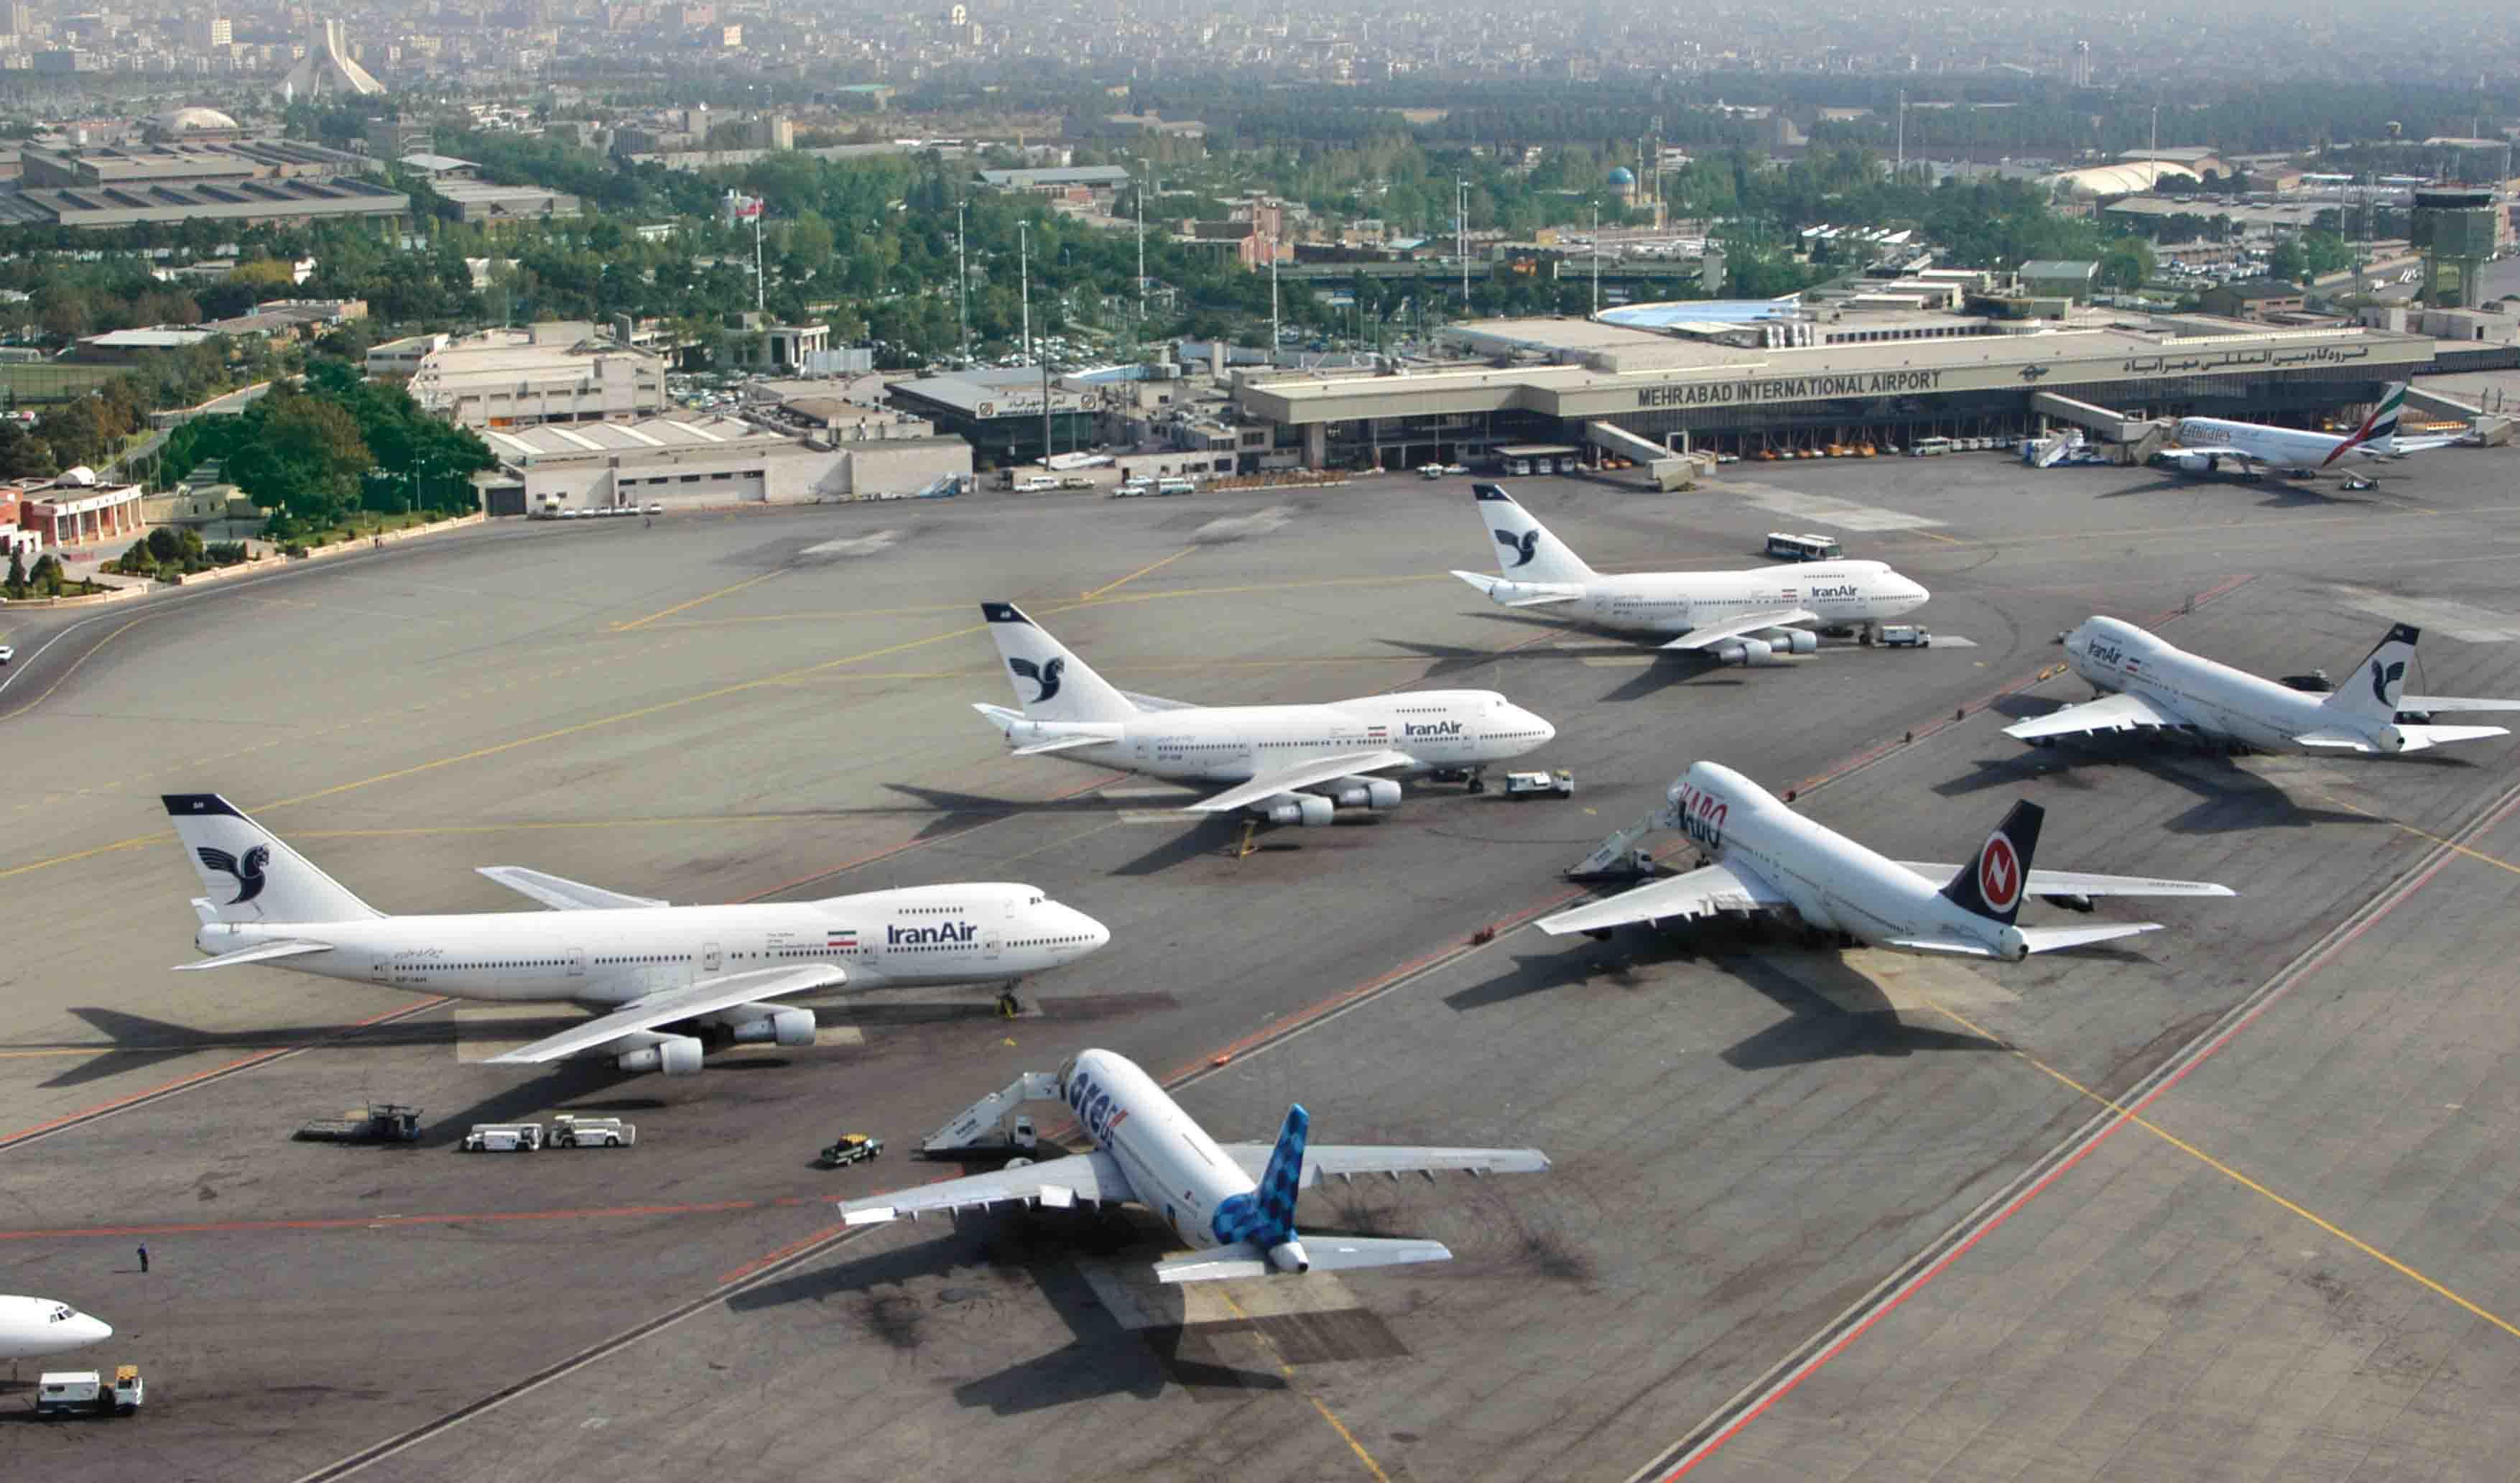 پذیرش پروازهای ایرانی به مقصد لندن، هلند، بیروت و باکو مشروط شد